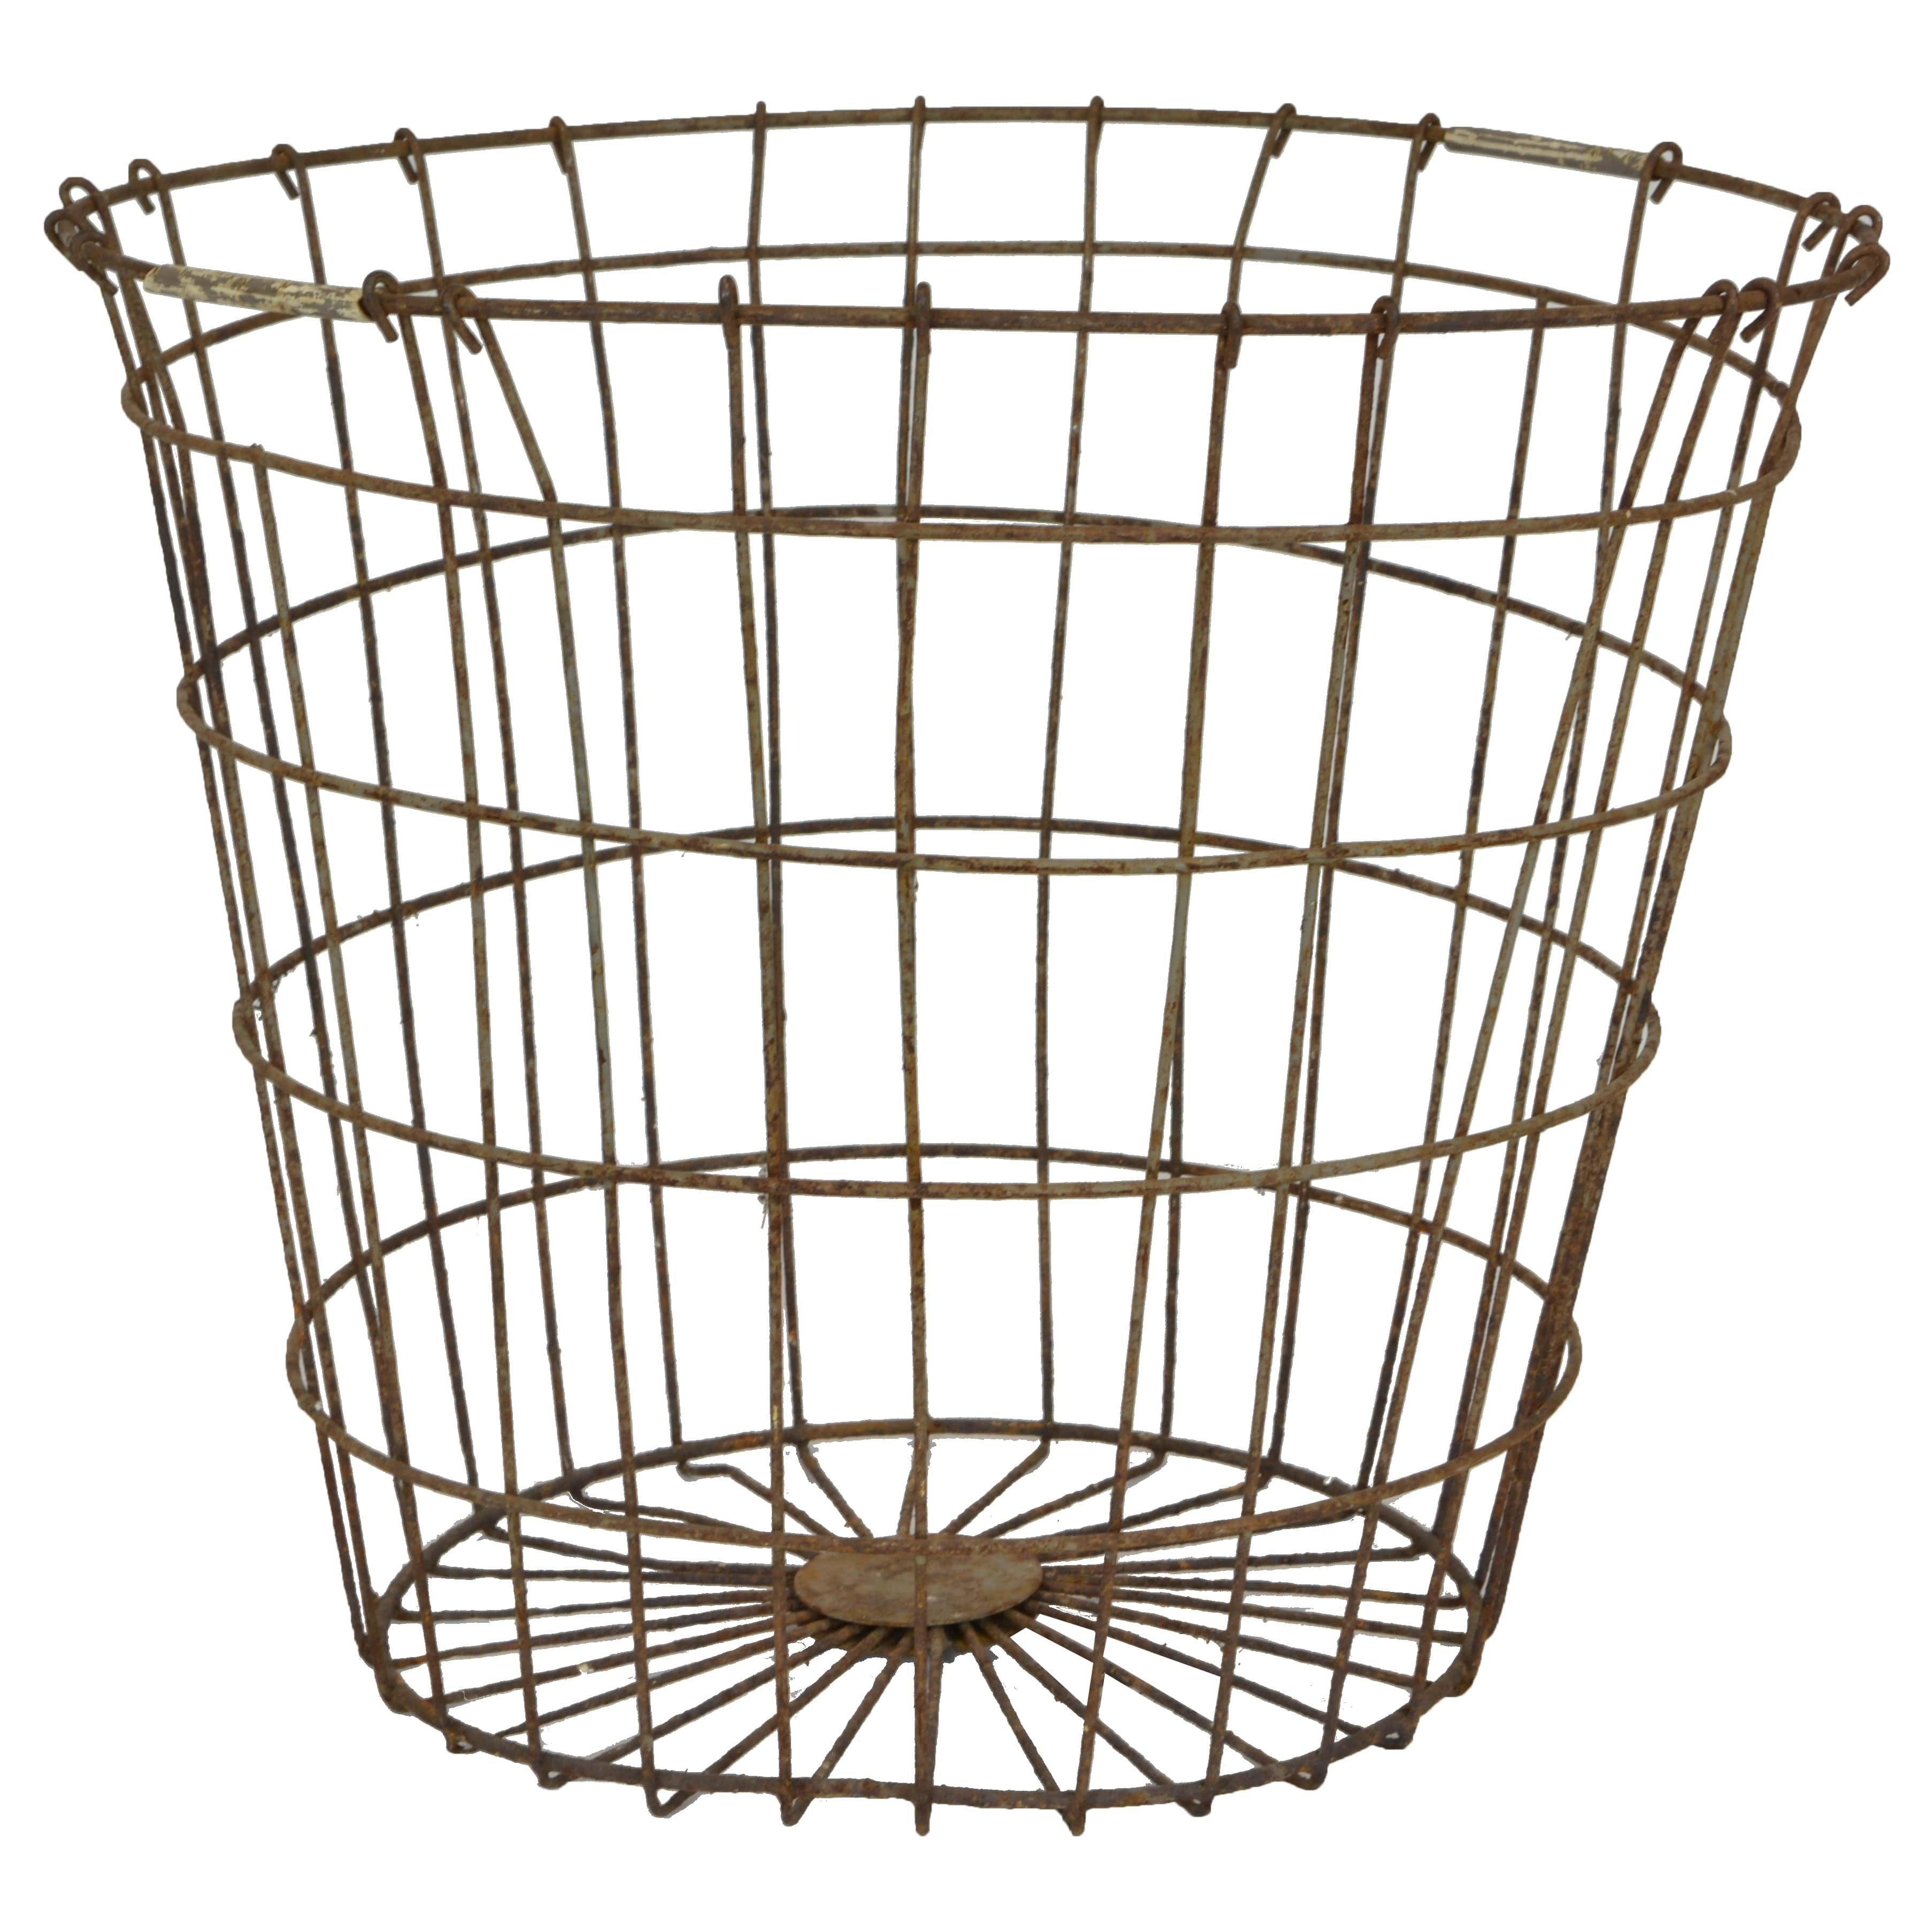 Vintage Farm Baskets For Sale at 1stdibs